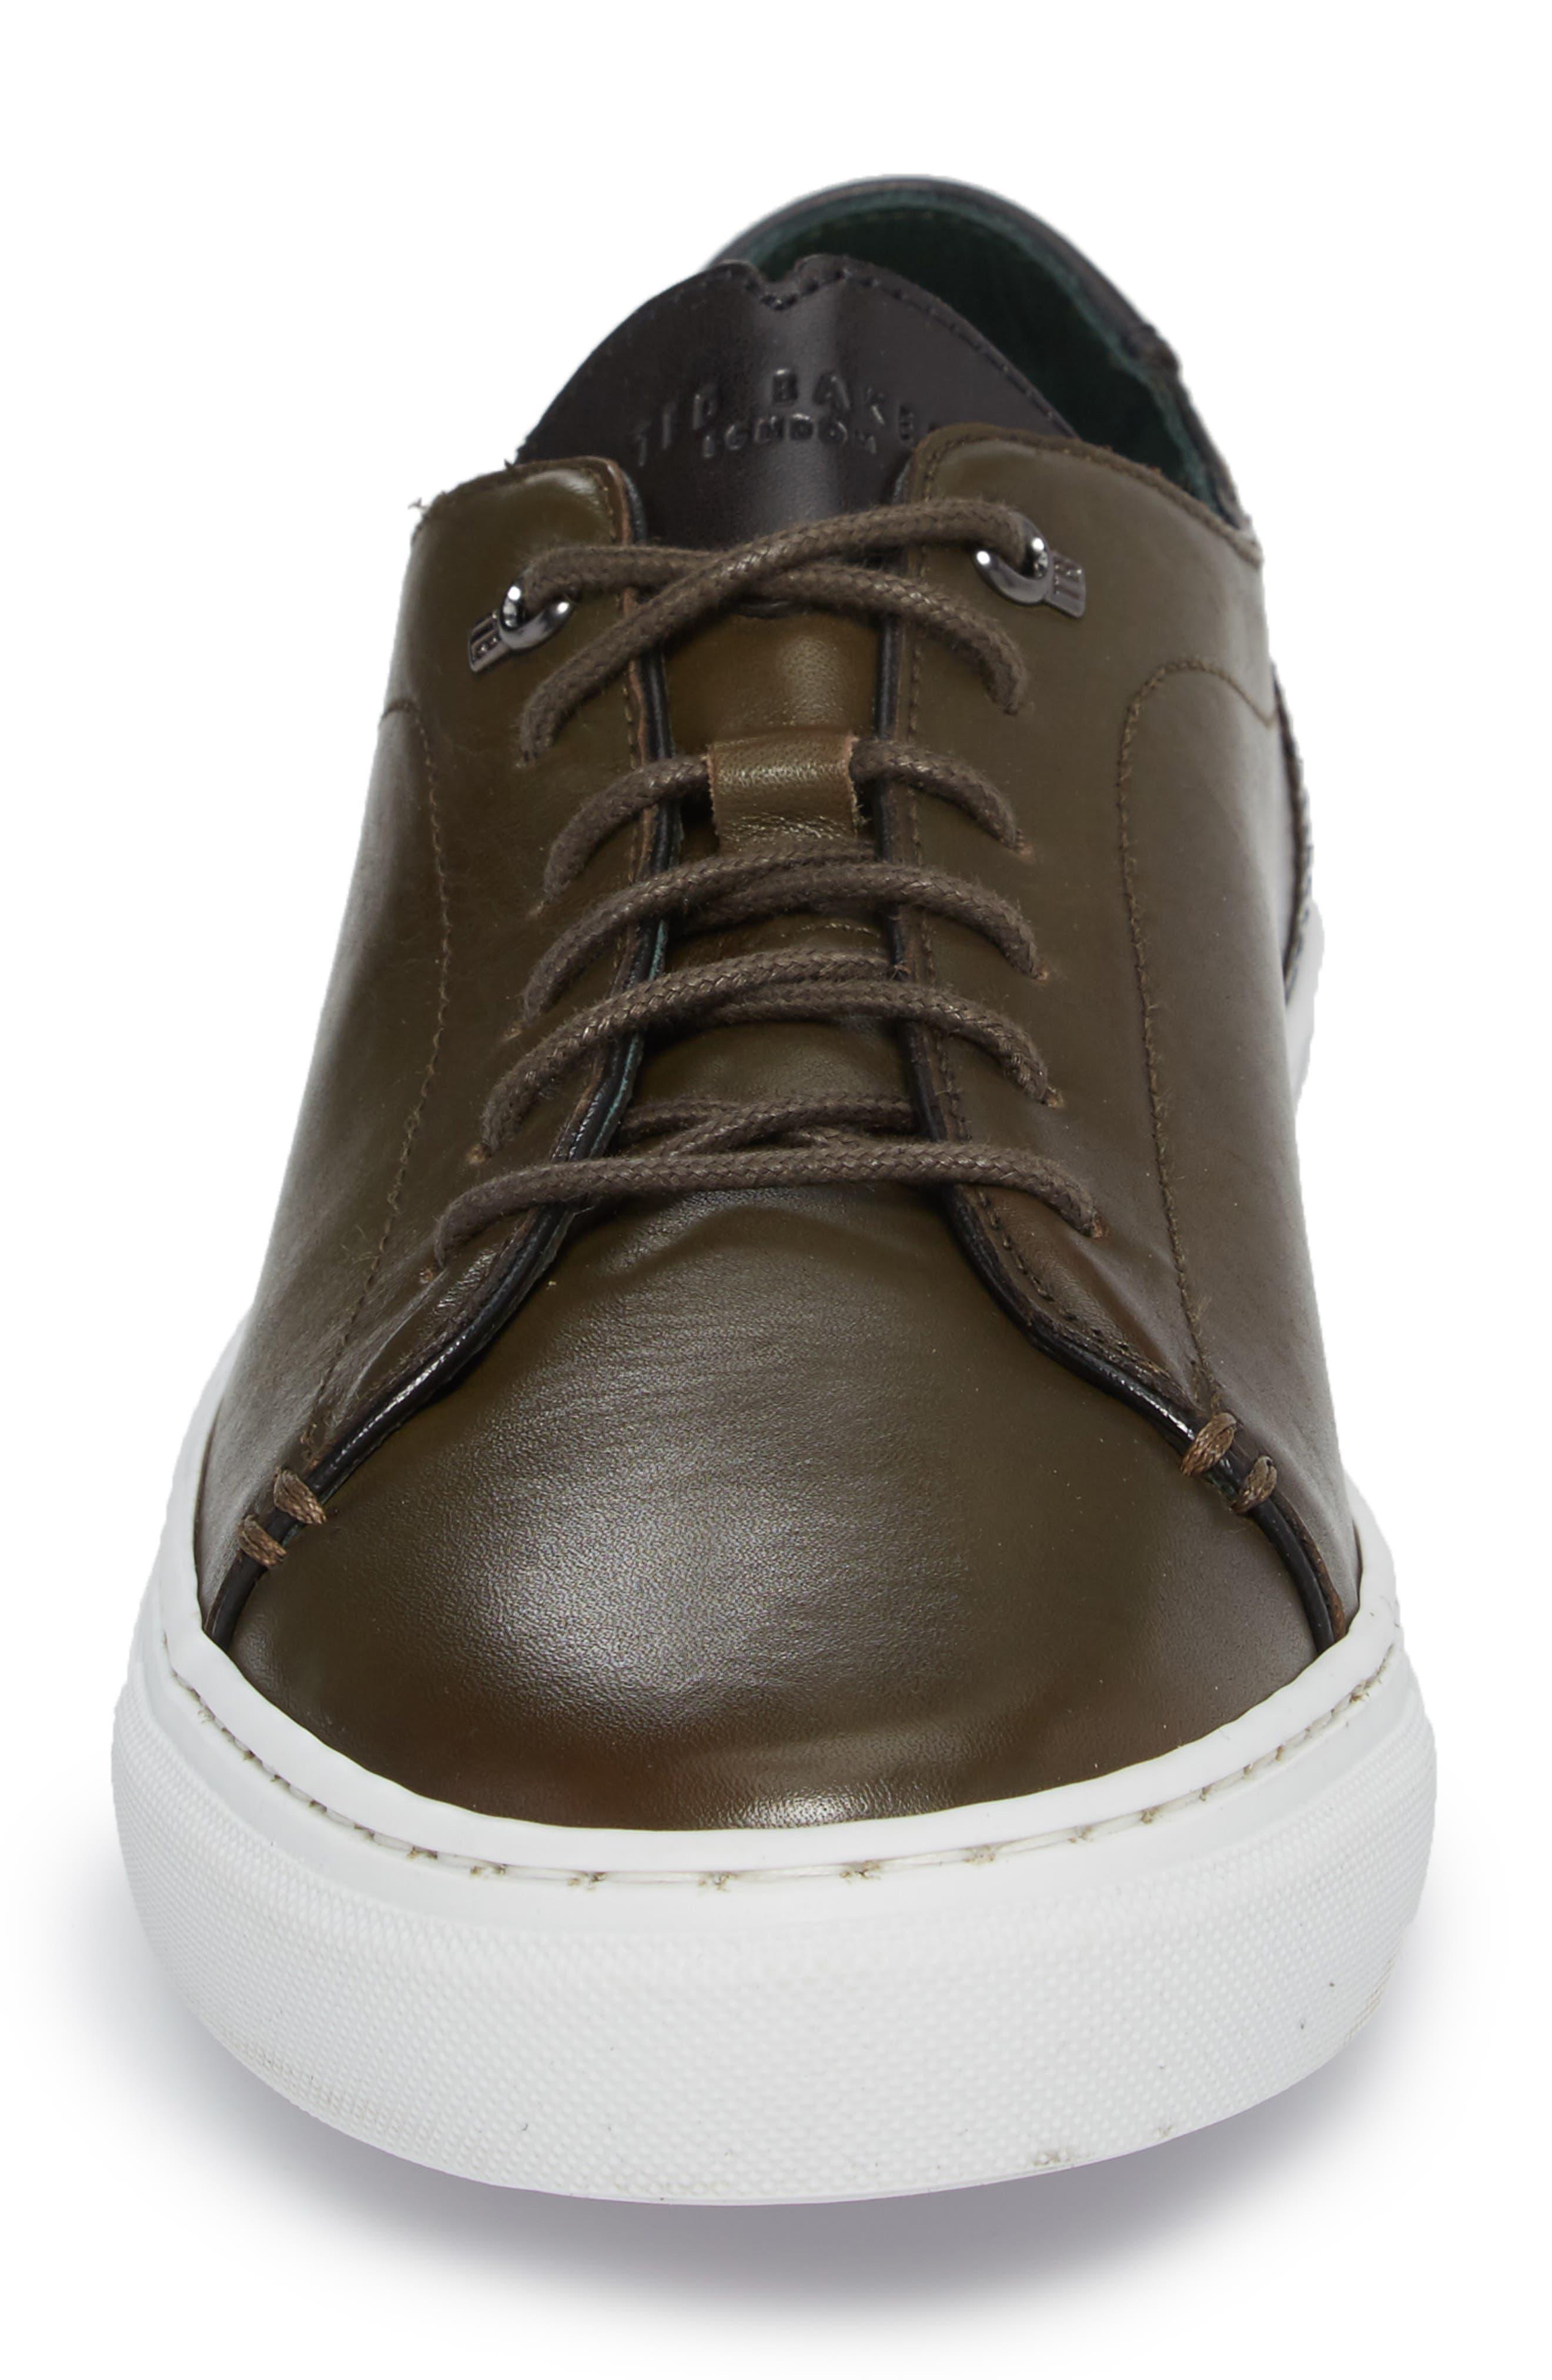 Duuke Sneaker,                             Alternate thumbnail 4, color,                             305